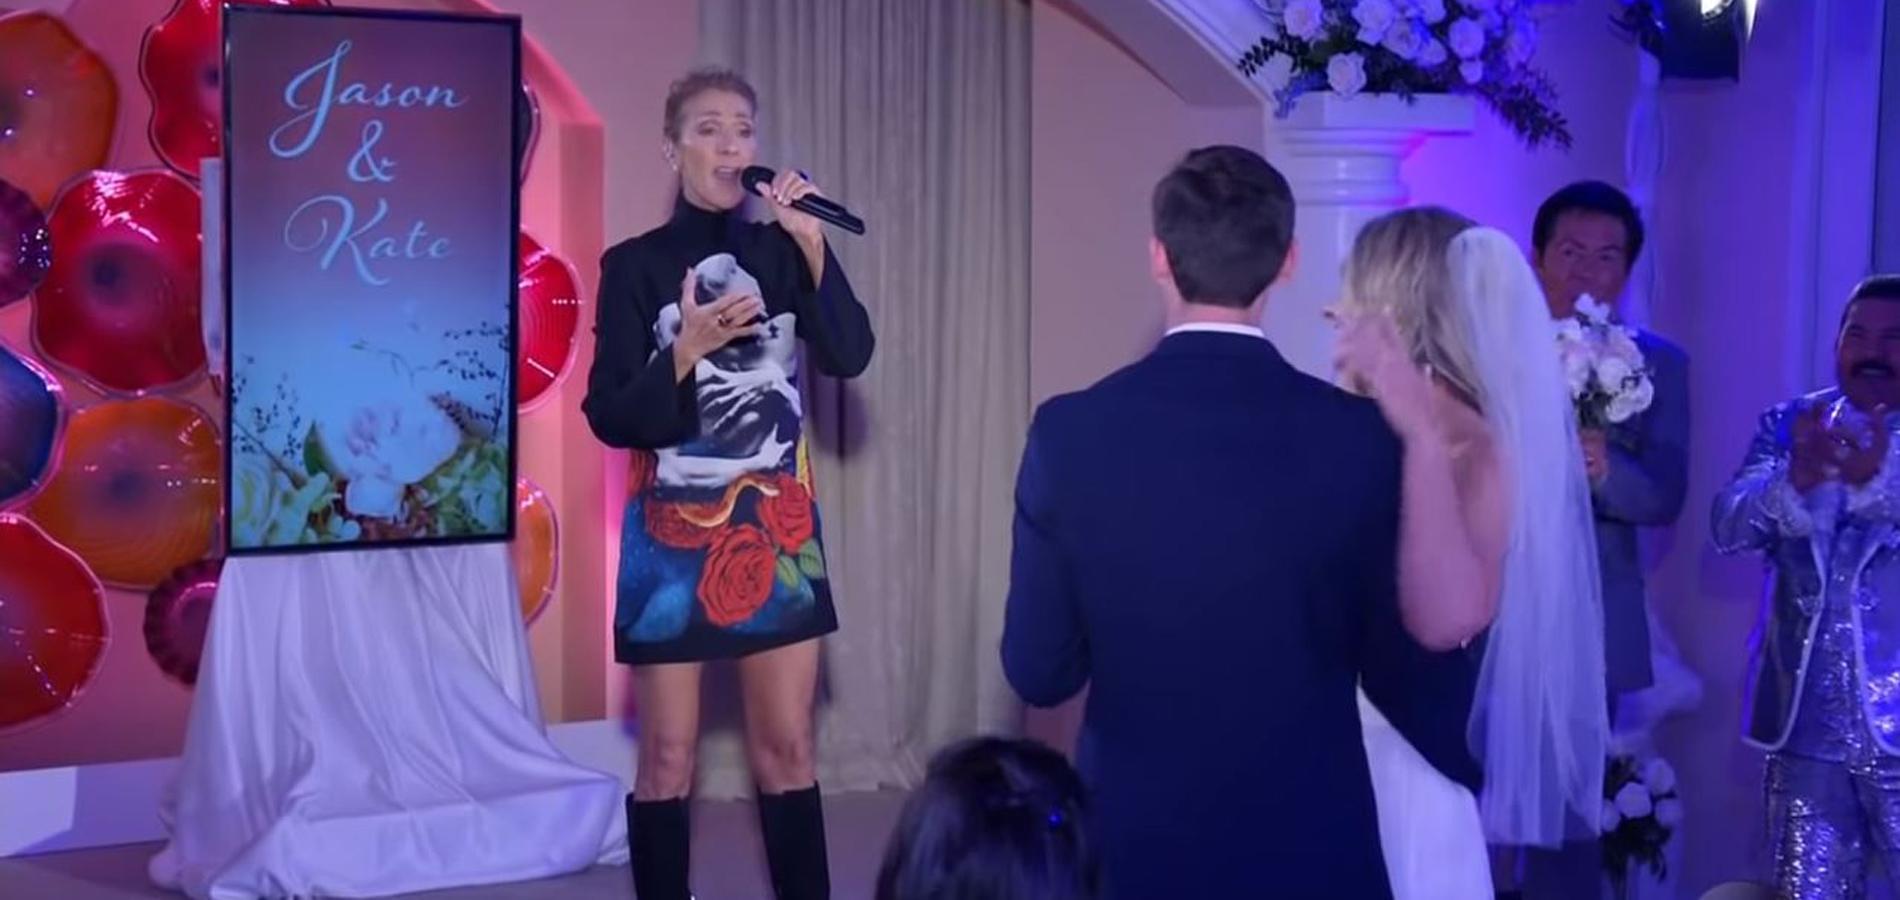 En vidéo, Céline Dion fait irruption lors d\u0027une cérémonie de